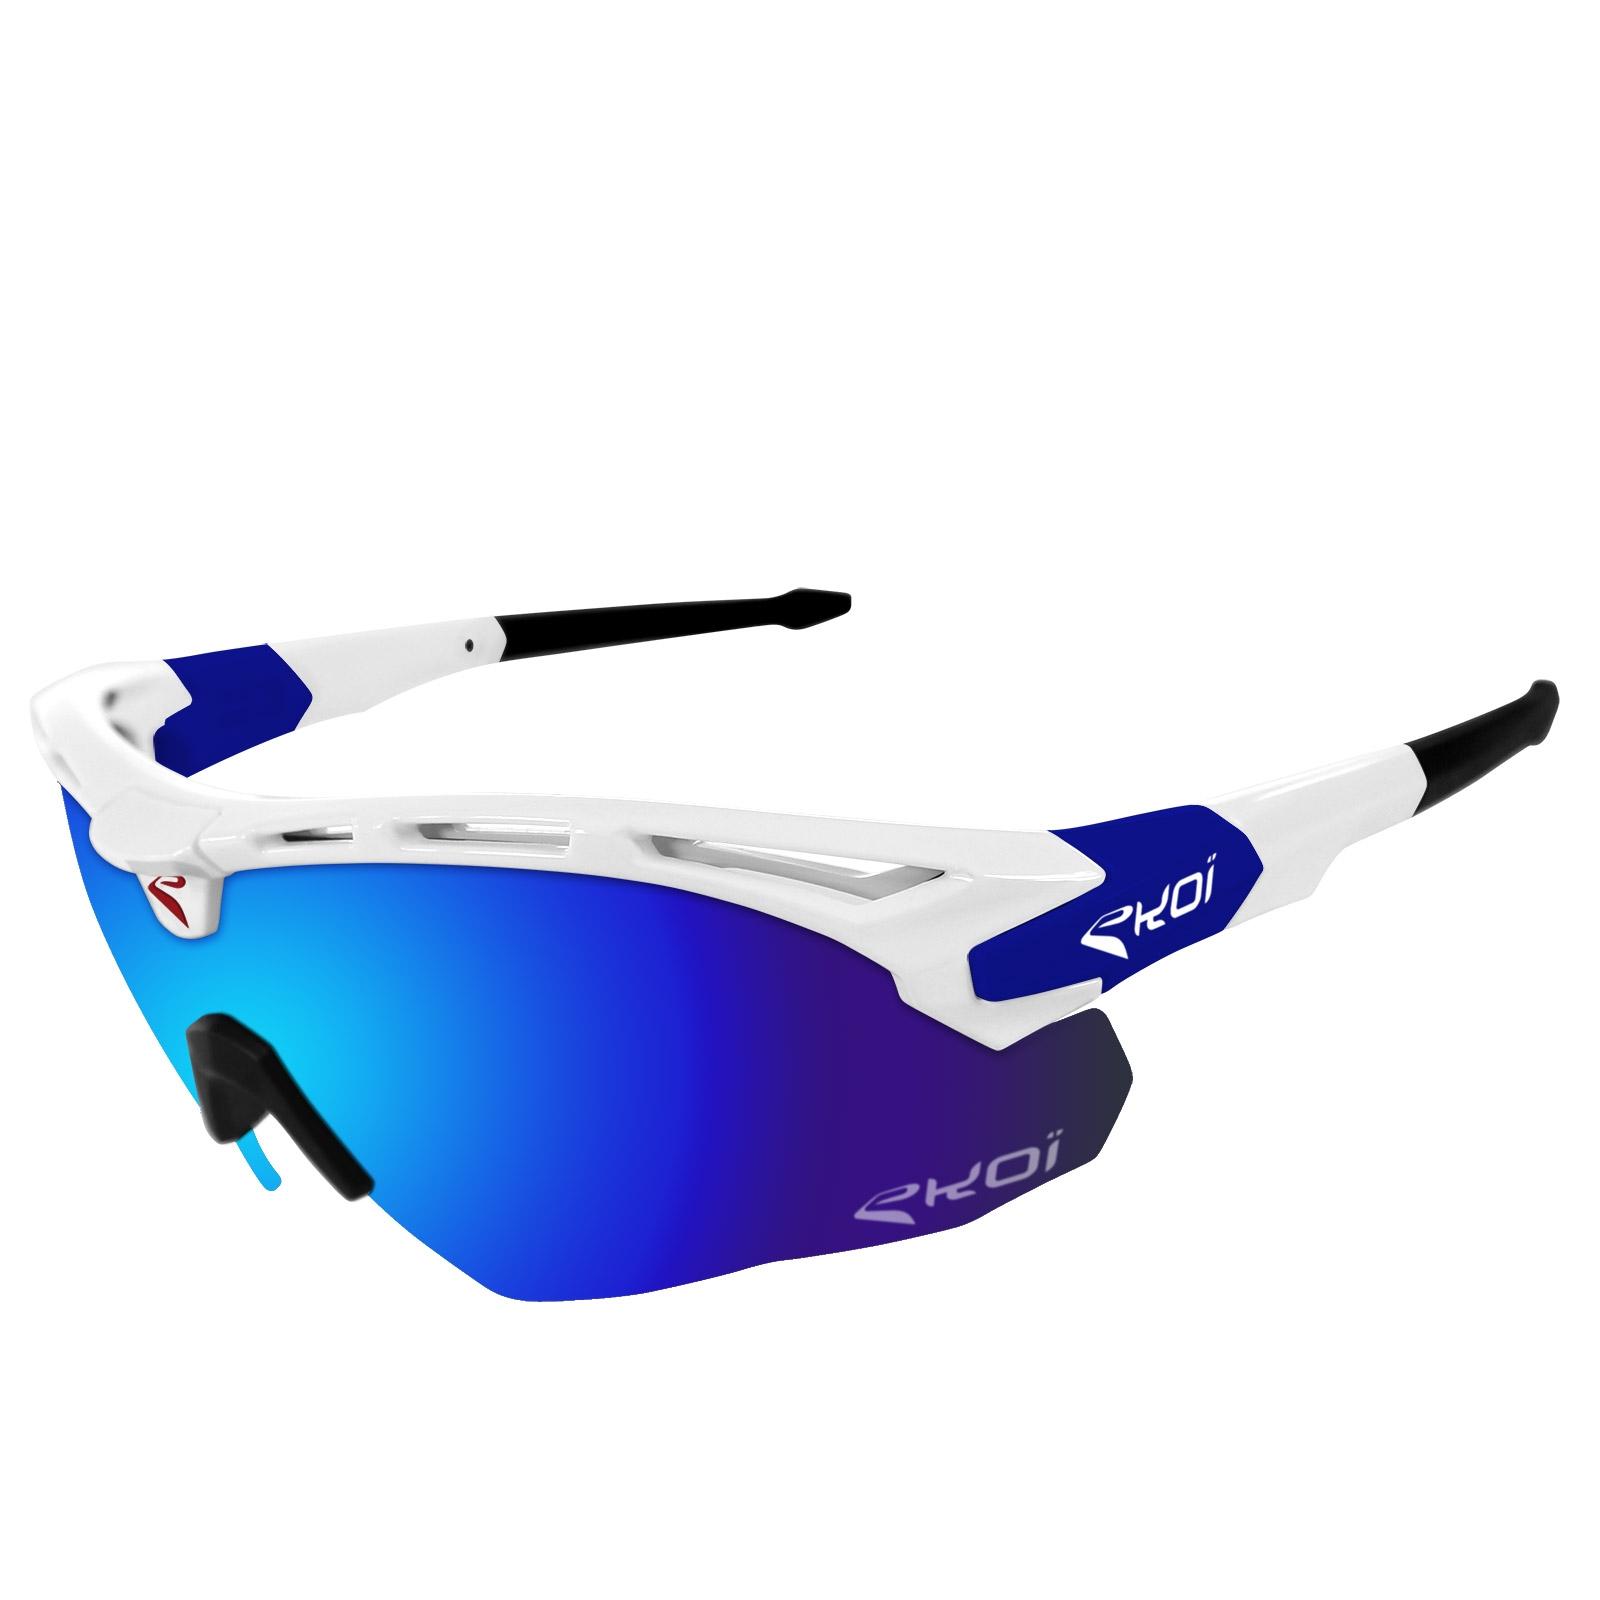 b22d7963e966a EKOI GUERRA Limited Edition QUICKSTEP Revo Bleu Lens Sunglasses ...